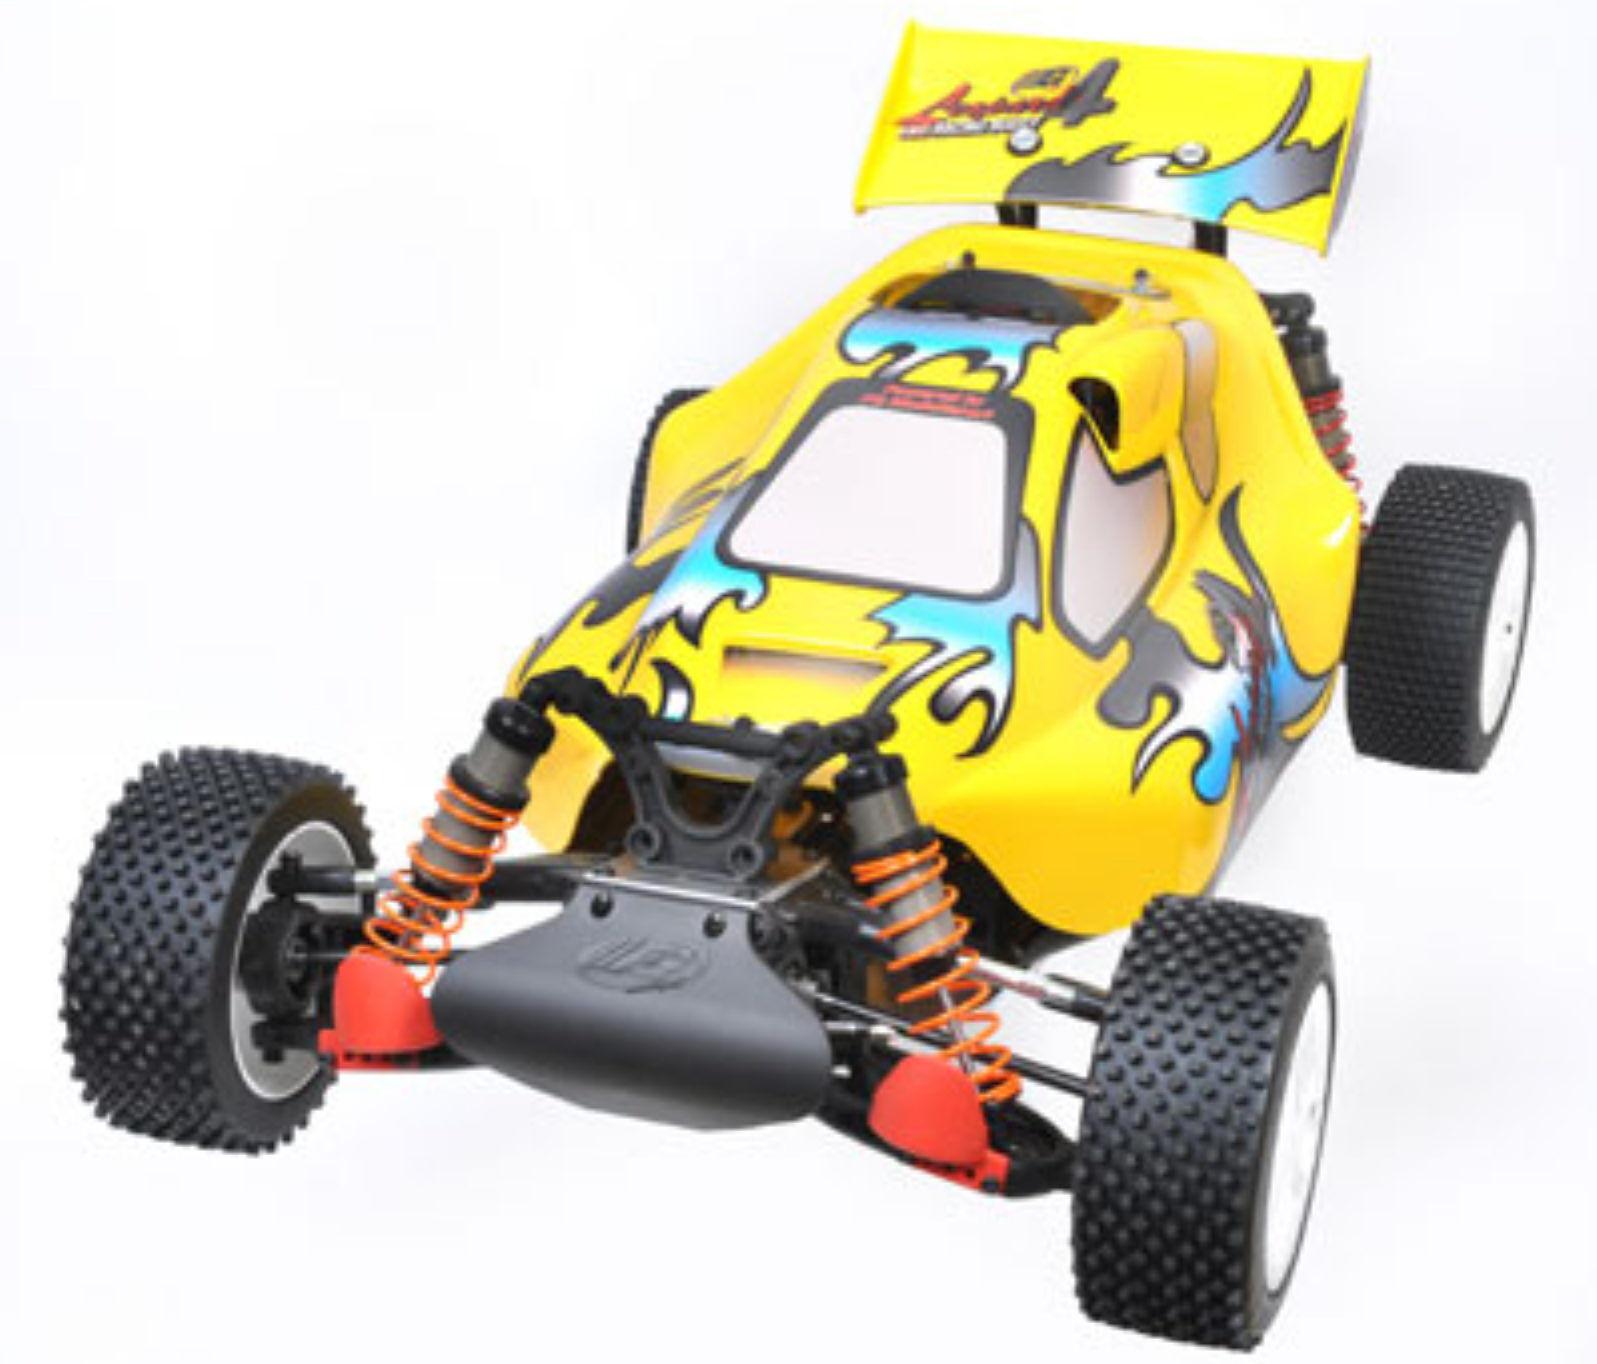 FG modellsport r LEOPARDO 4 Sportsline RTR lacado